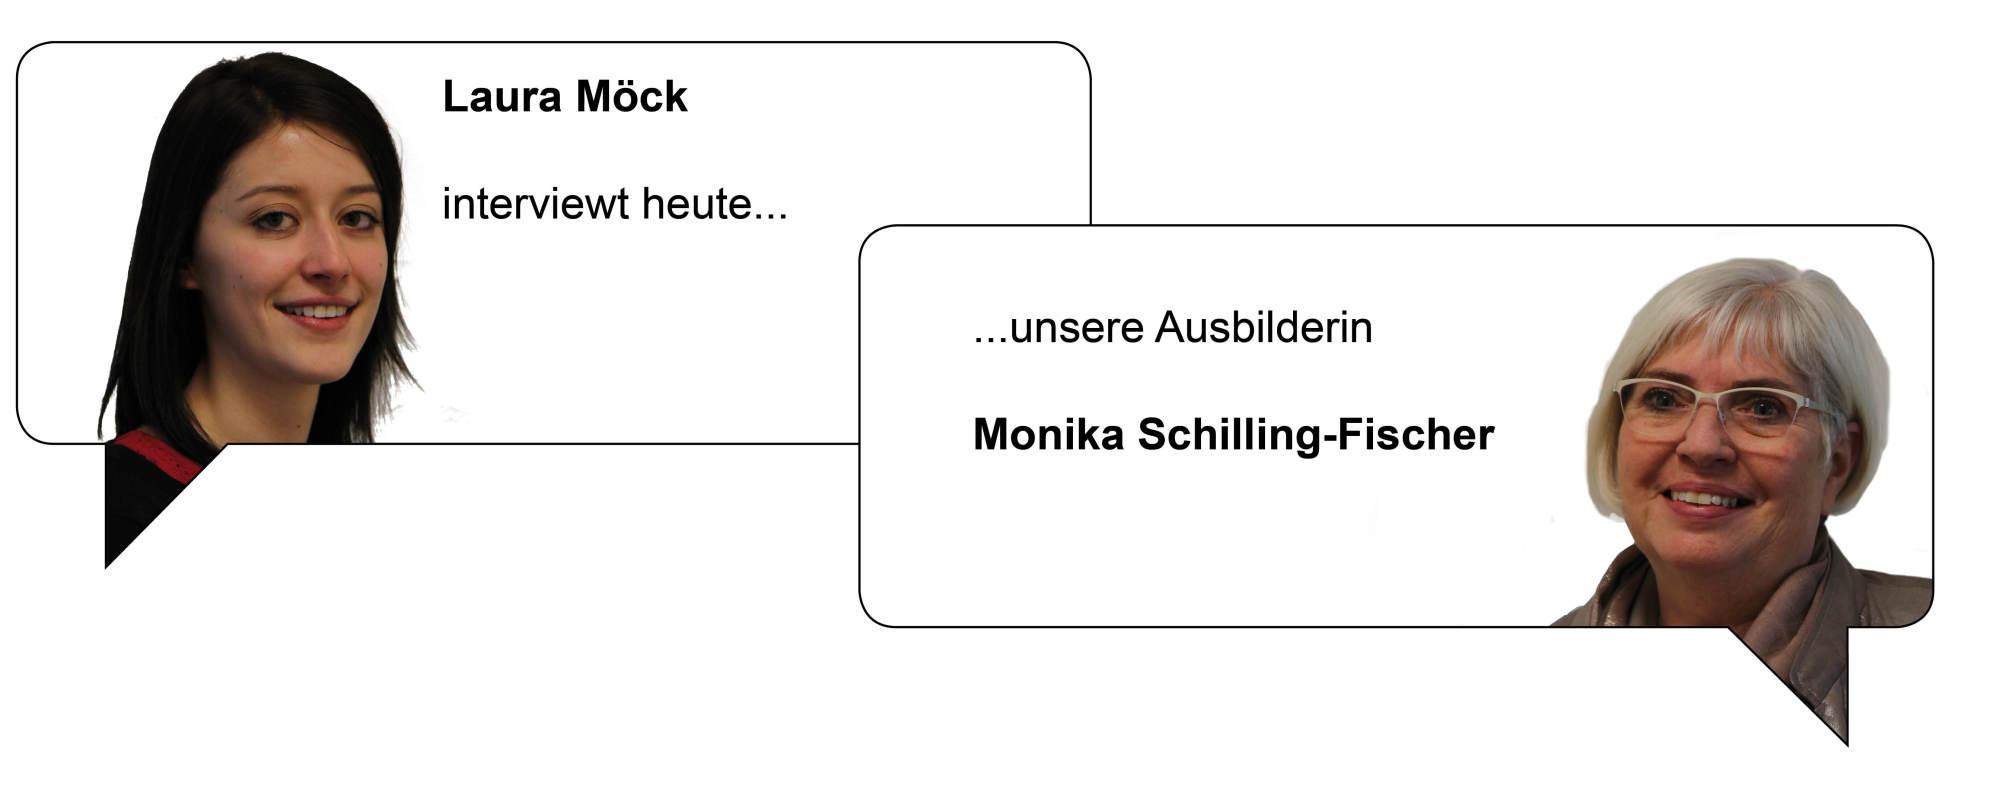 Unsere Ausbilder - Frau Schilling-Fischer